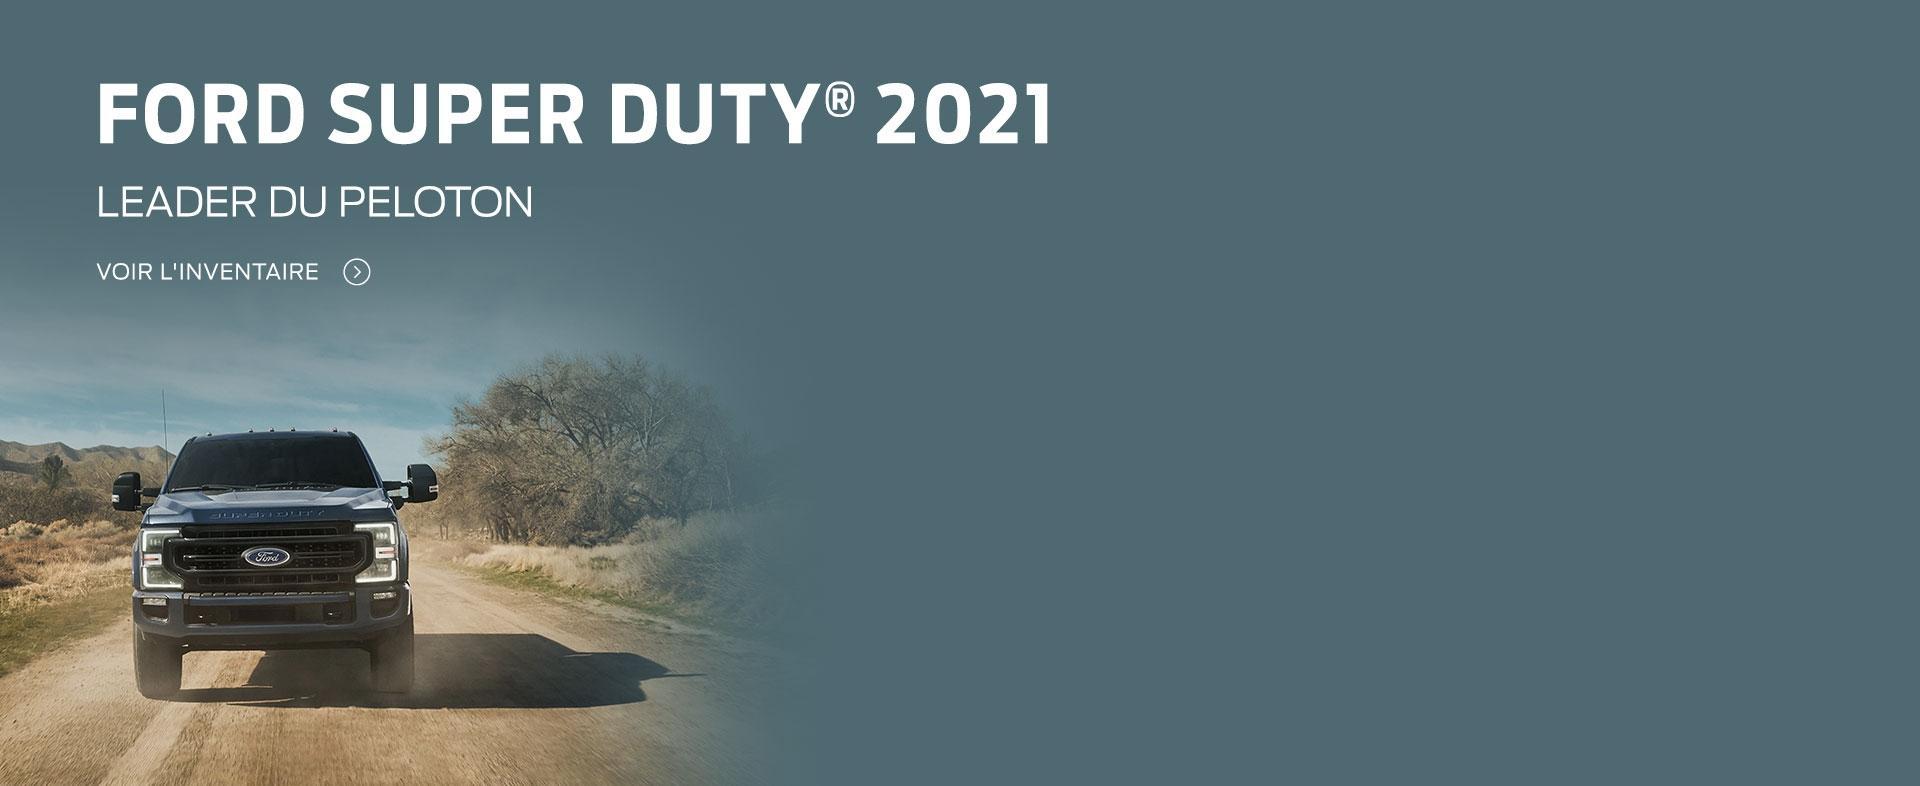 Ford Super Duty 2021 | Ford Lincoln Gabriel